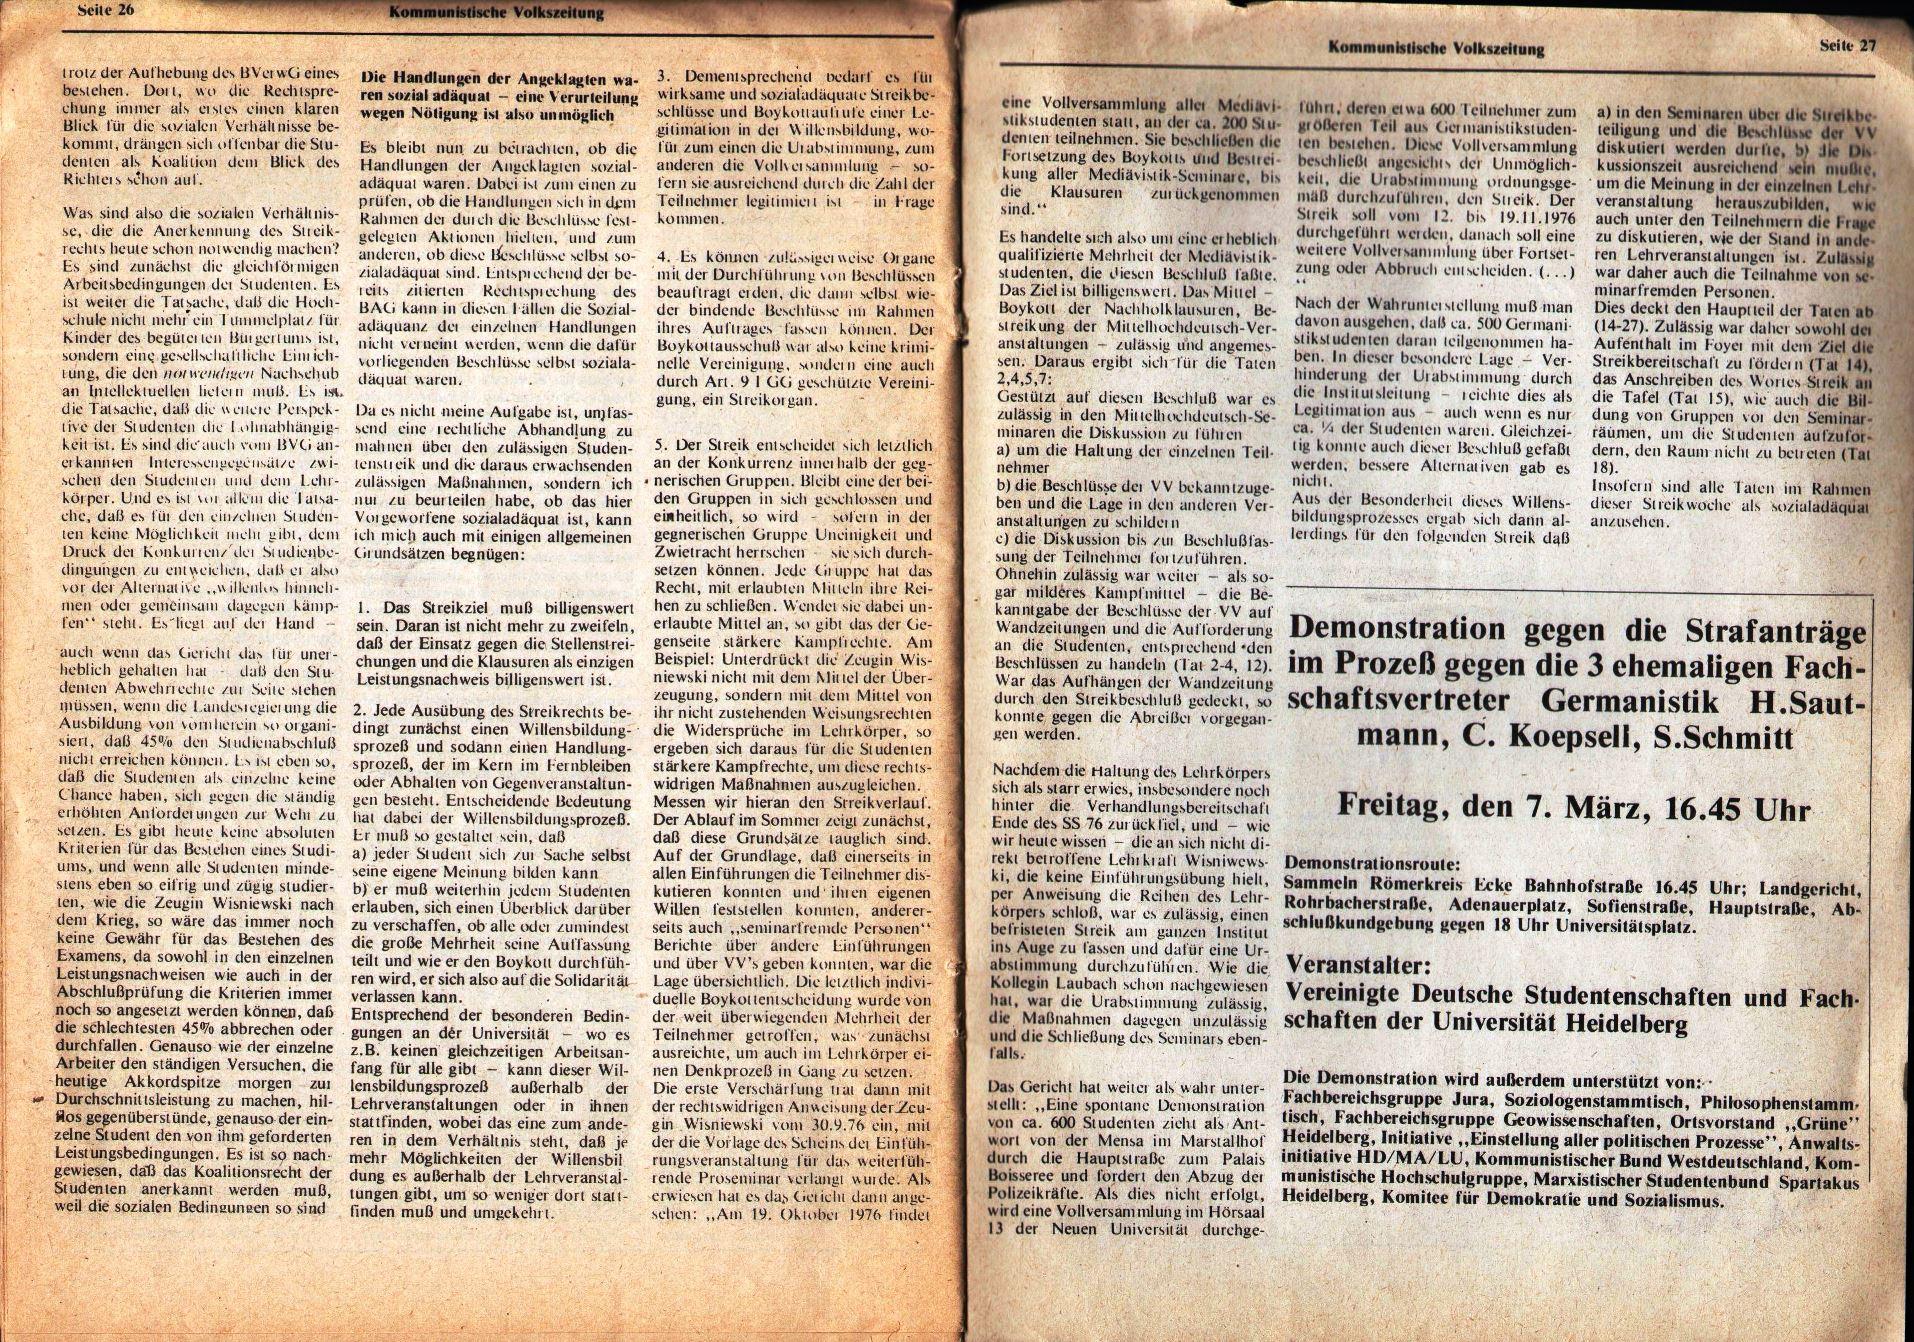 Heidelberg_KHG_1980_Germanistenprozess014